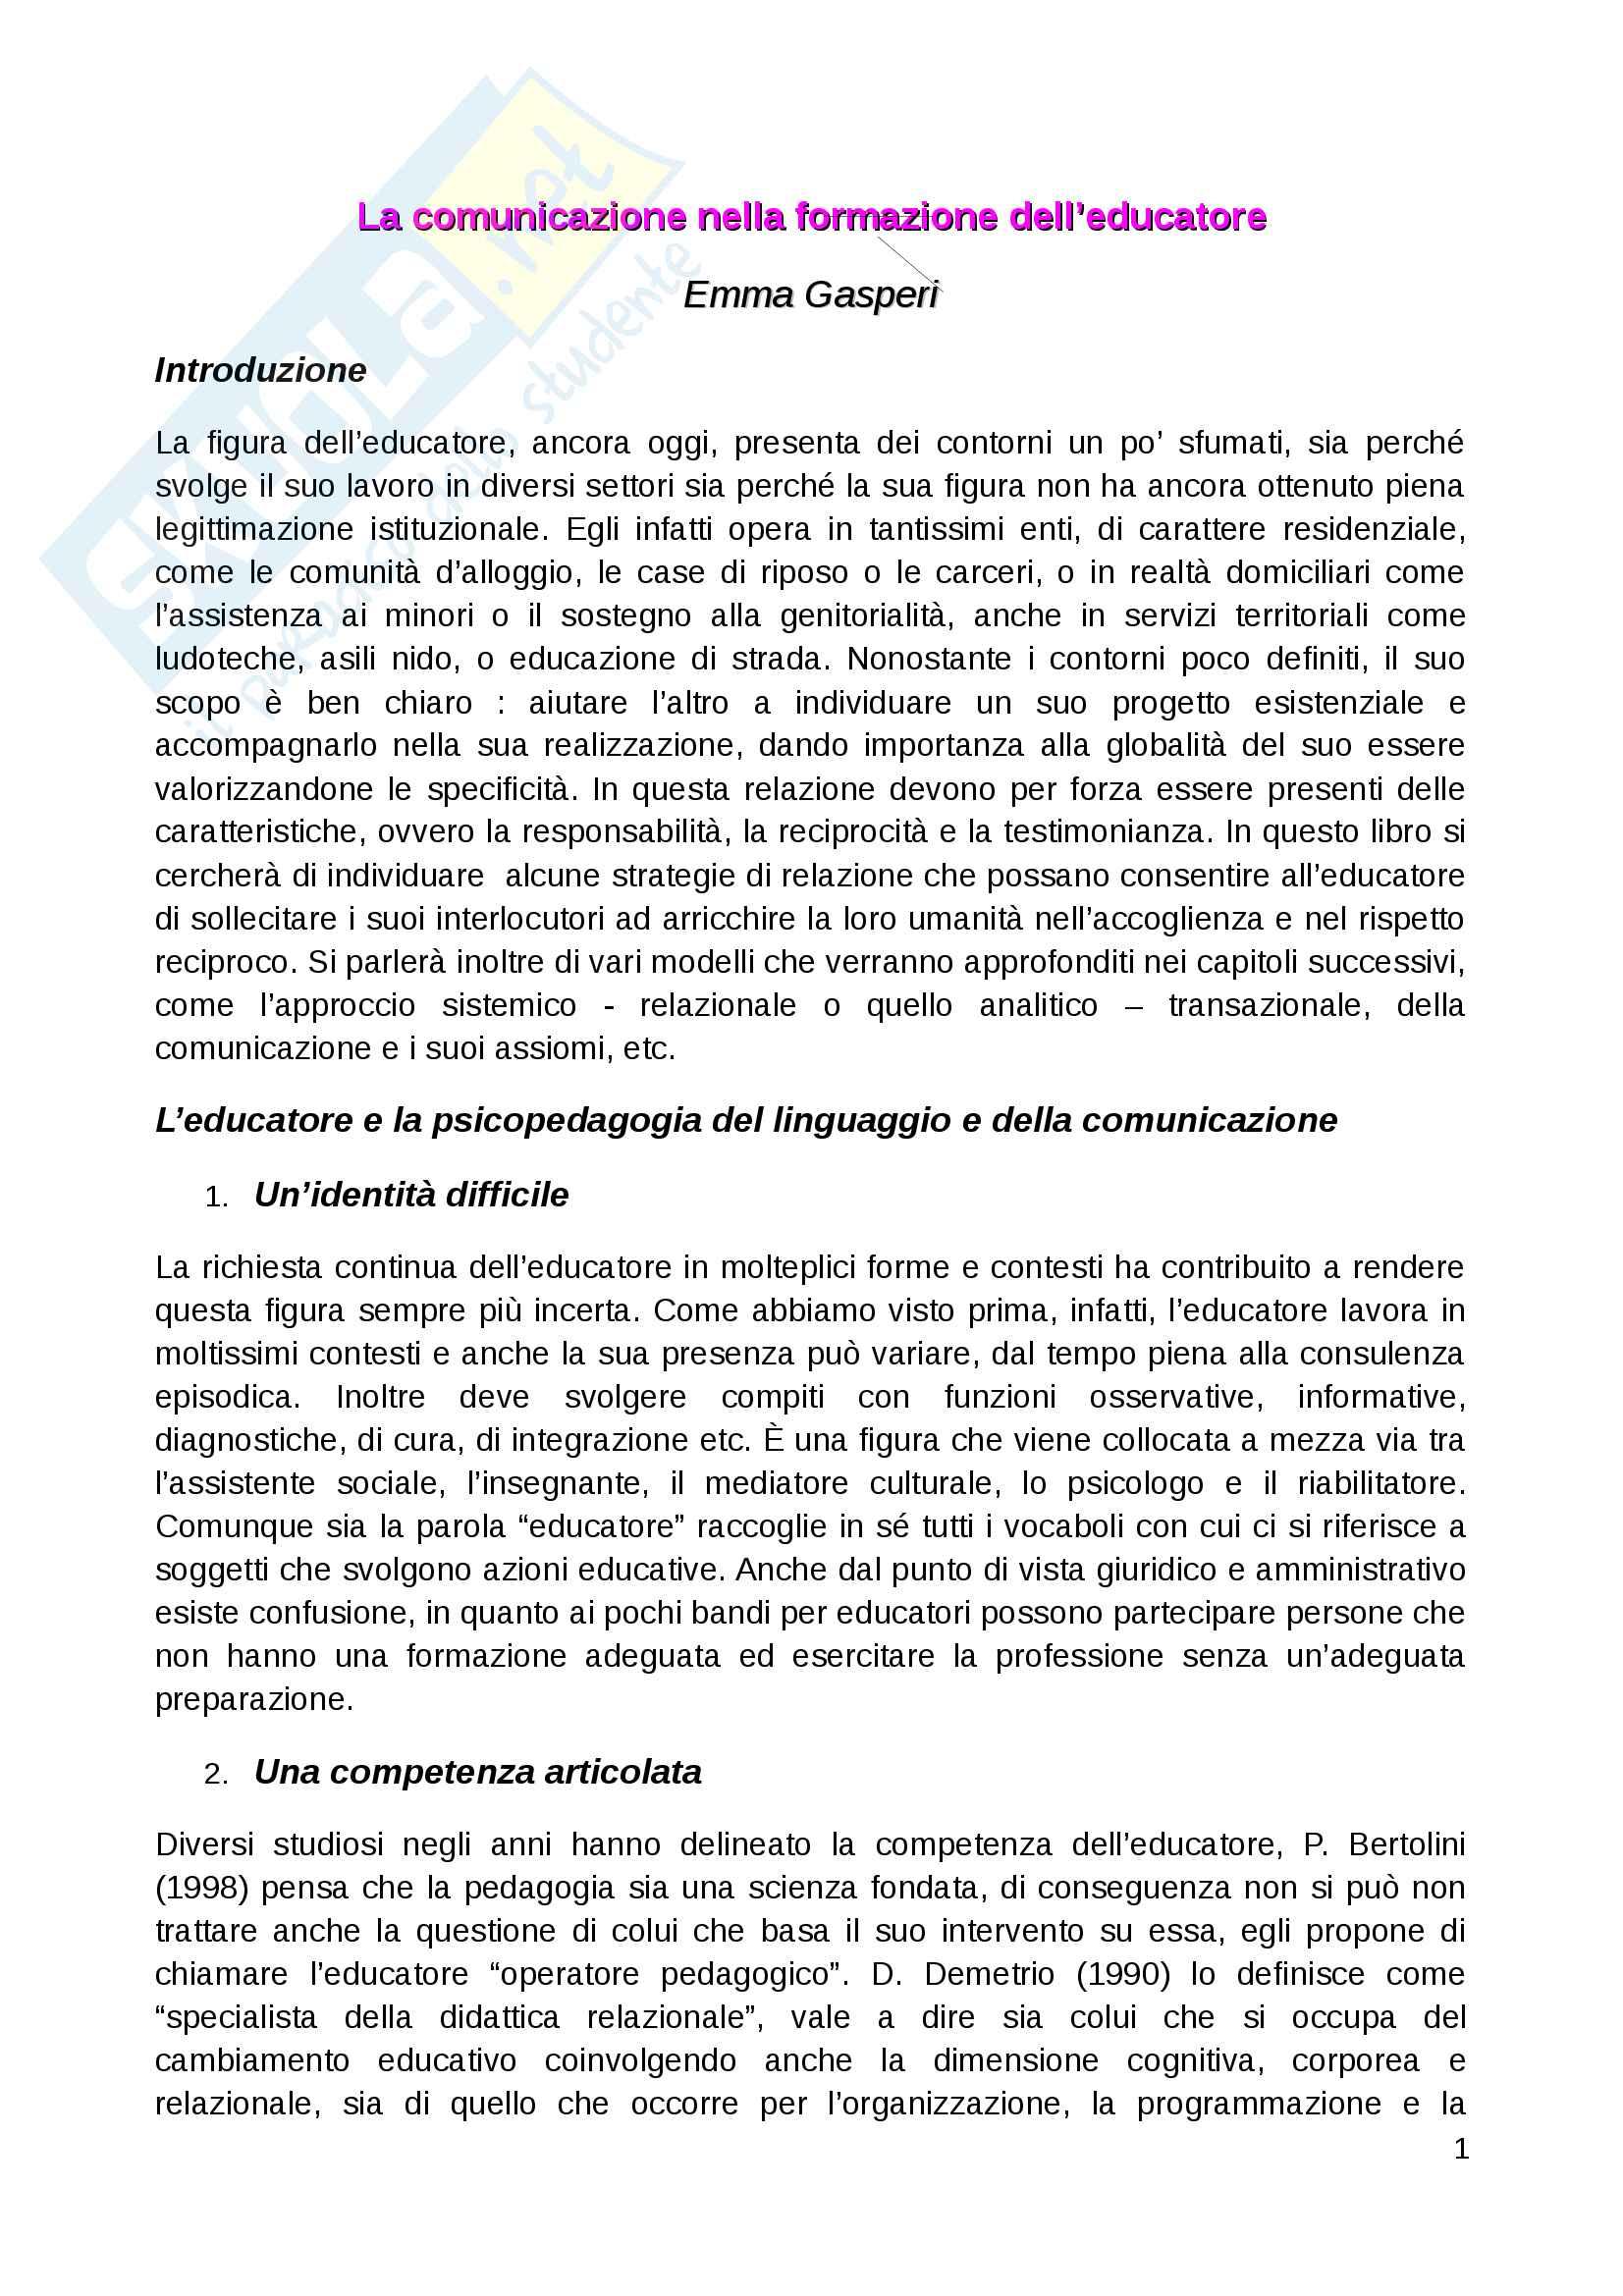 Riassunto esame metodologia della ricerca pedagogica, prof. E. Gasperi, libro consigliato La comunicazione nella formazione dell'educatore, Gasperi